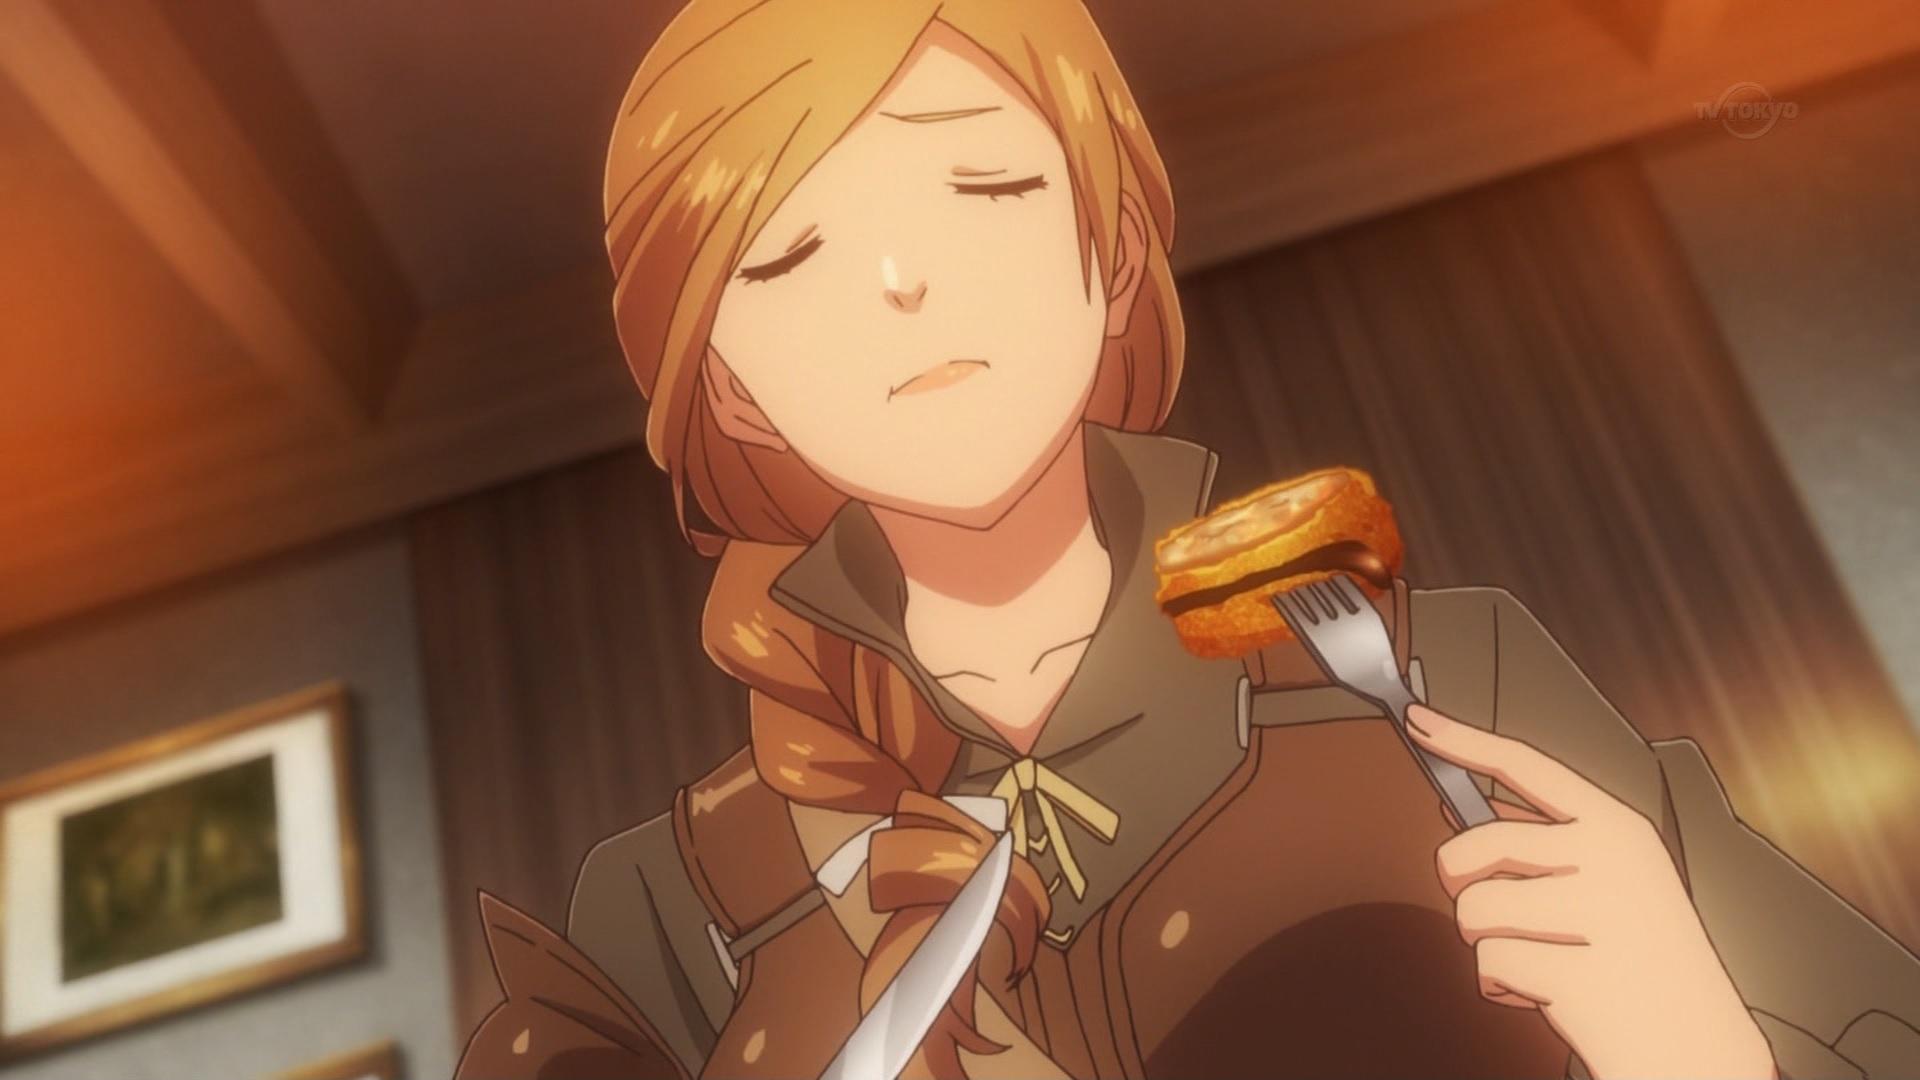 メンチカツを食べるサラ